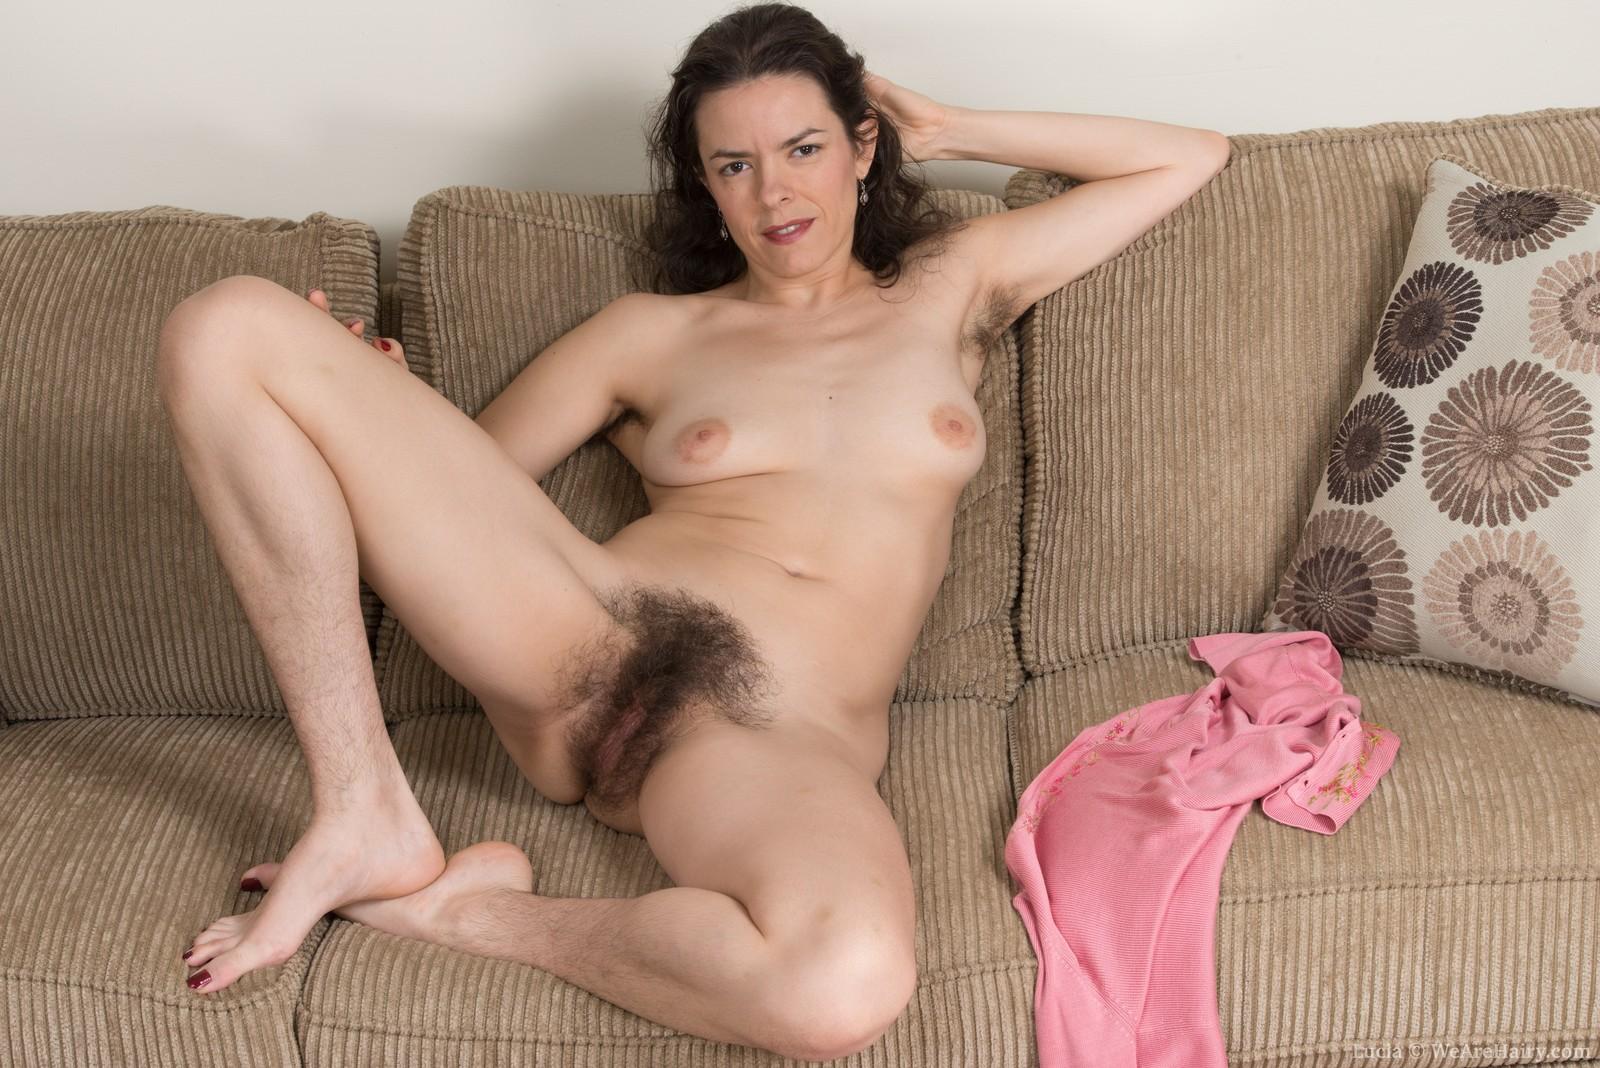 Сексфото волосатых дам, Волосатая пизда: порно фото на Возбуждает! 5 фотография